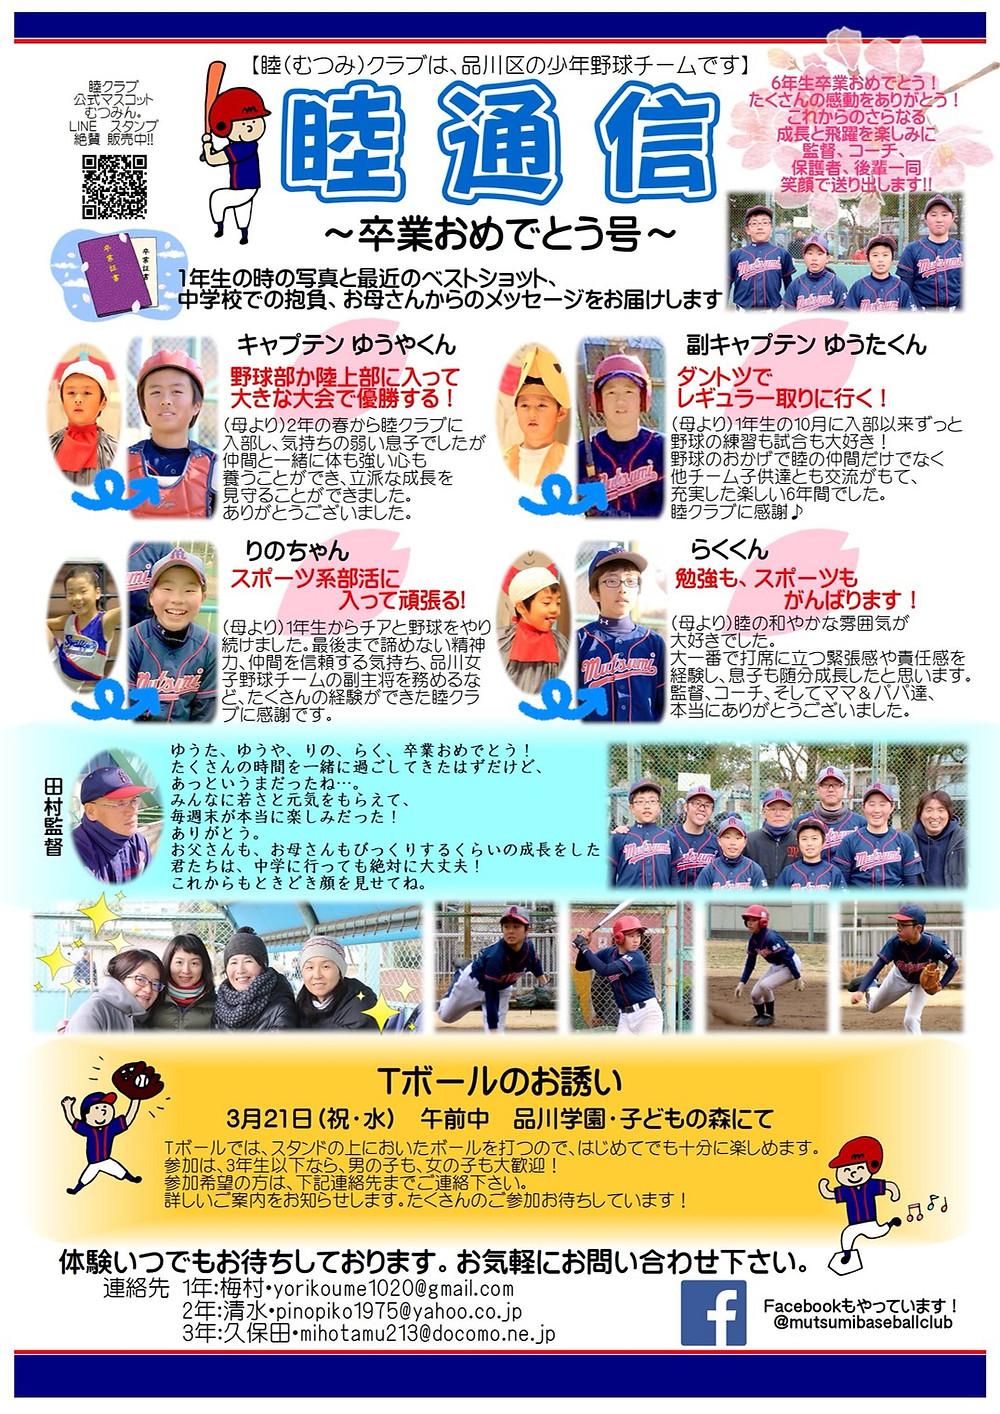 品川区 少年野球チーム 睦クラブ